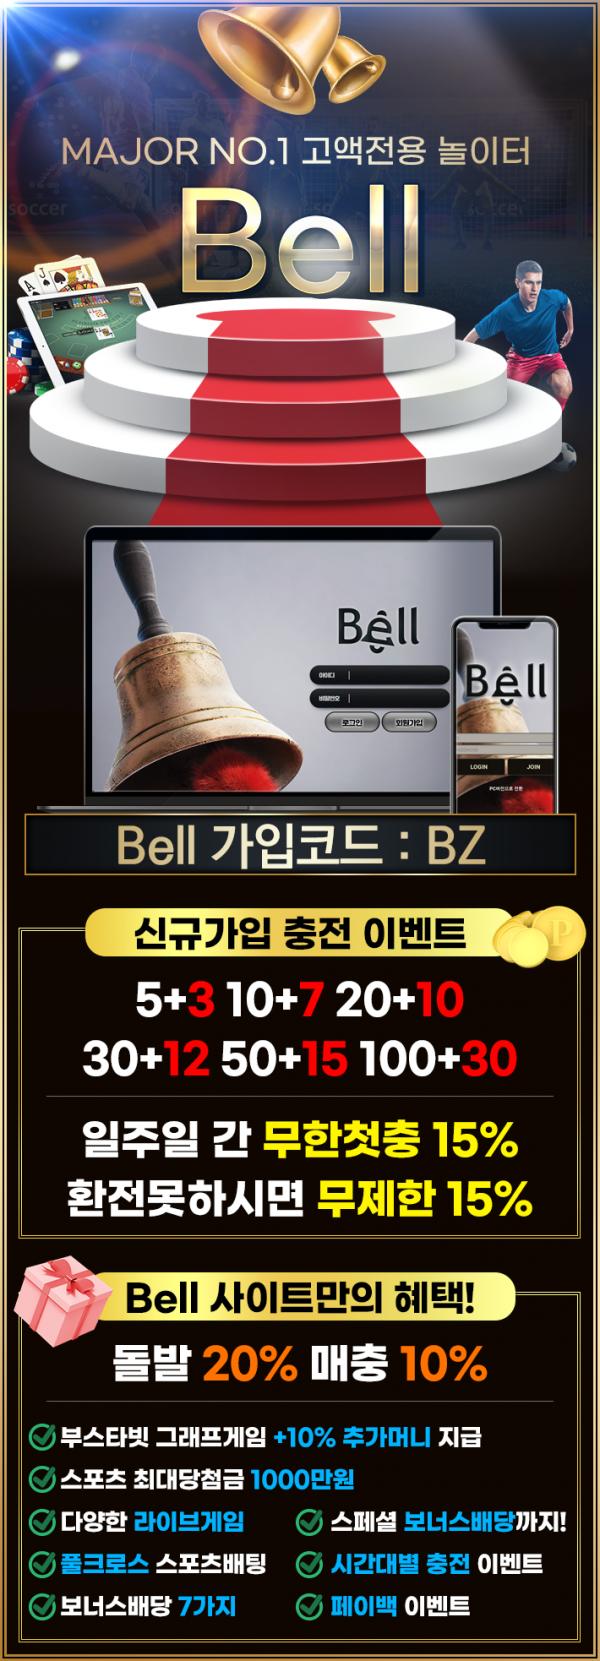 토토-토토사이트-벨-bell 19가이드